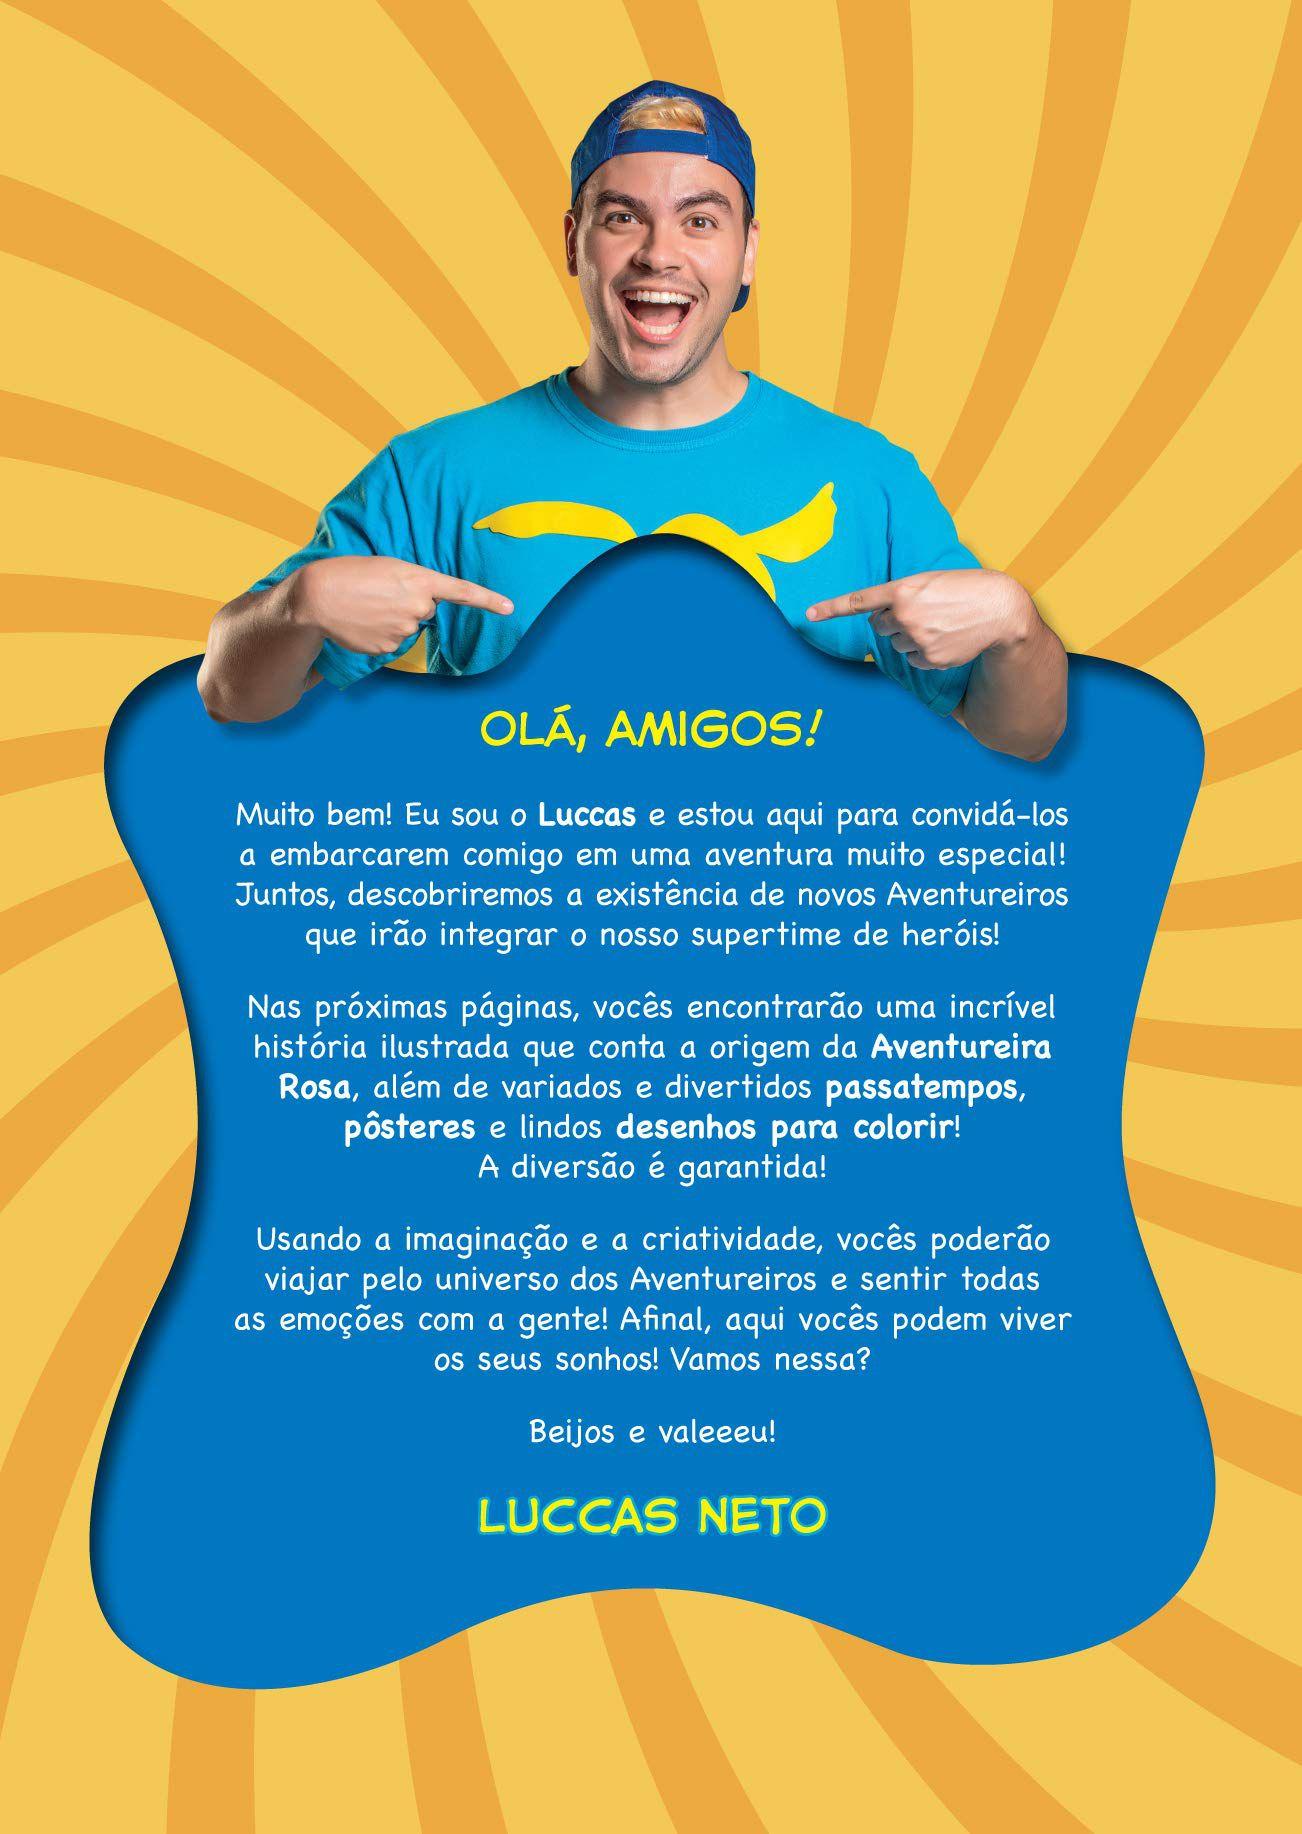 LUCCAS NETO E OS AVENTUREIROS